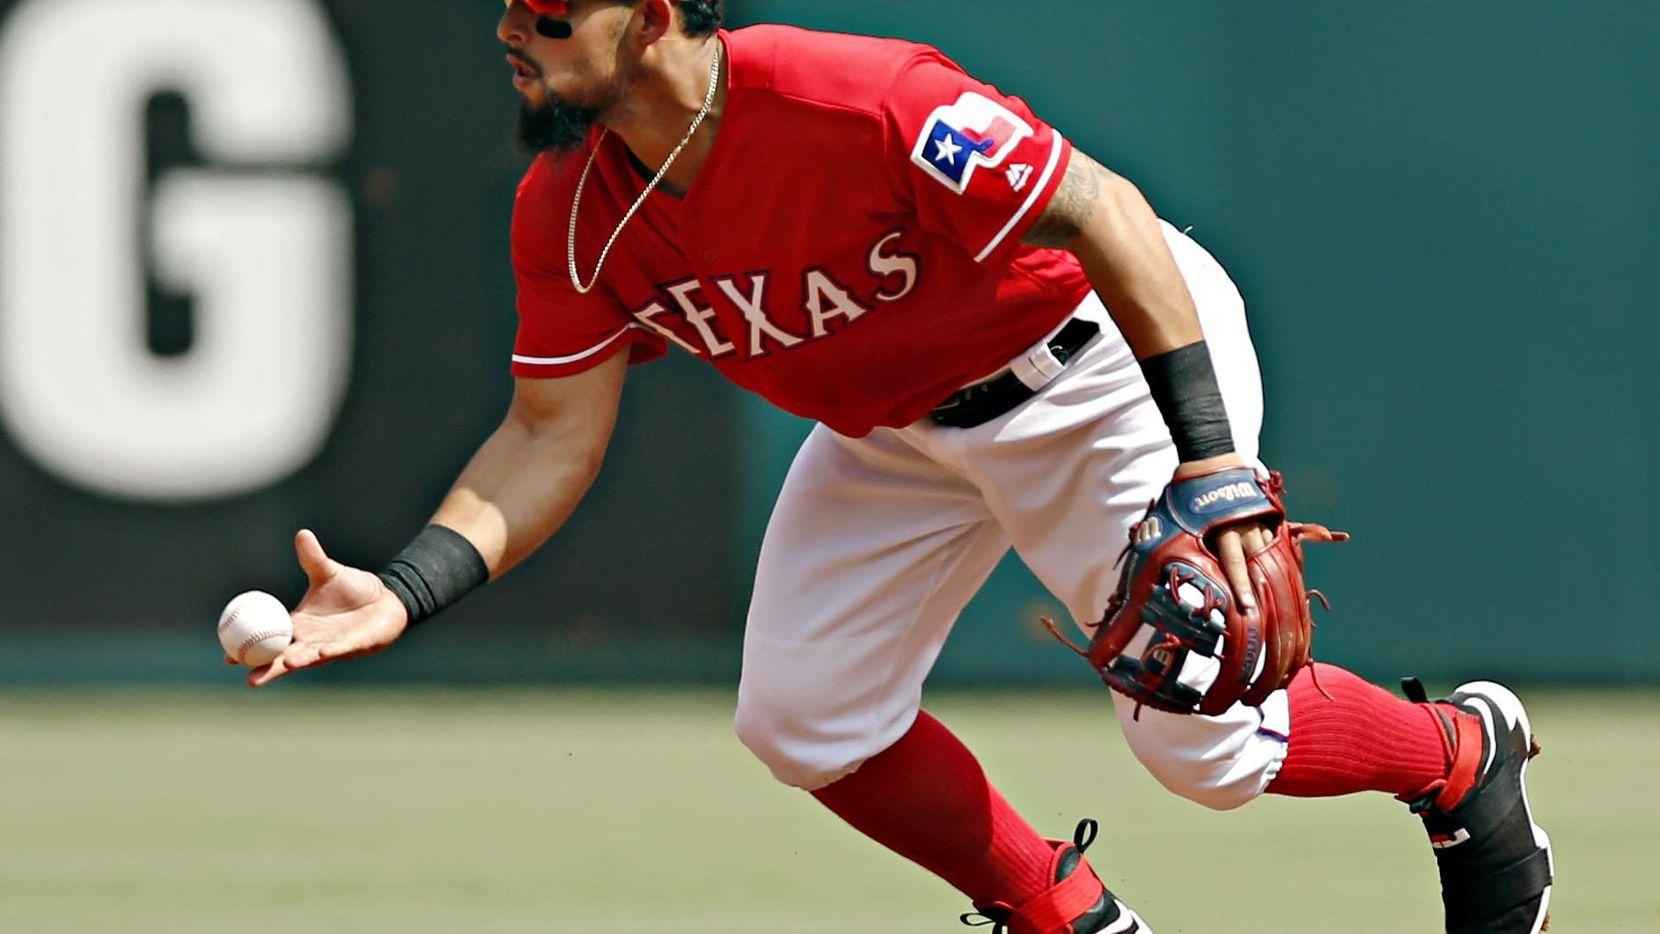 El segunda base Rougned Odor y Texas enfrentan a Houston, en una serie a cuatro juegos en Arlington. (DMN/G.J. McCarthy)